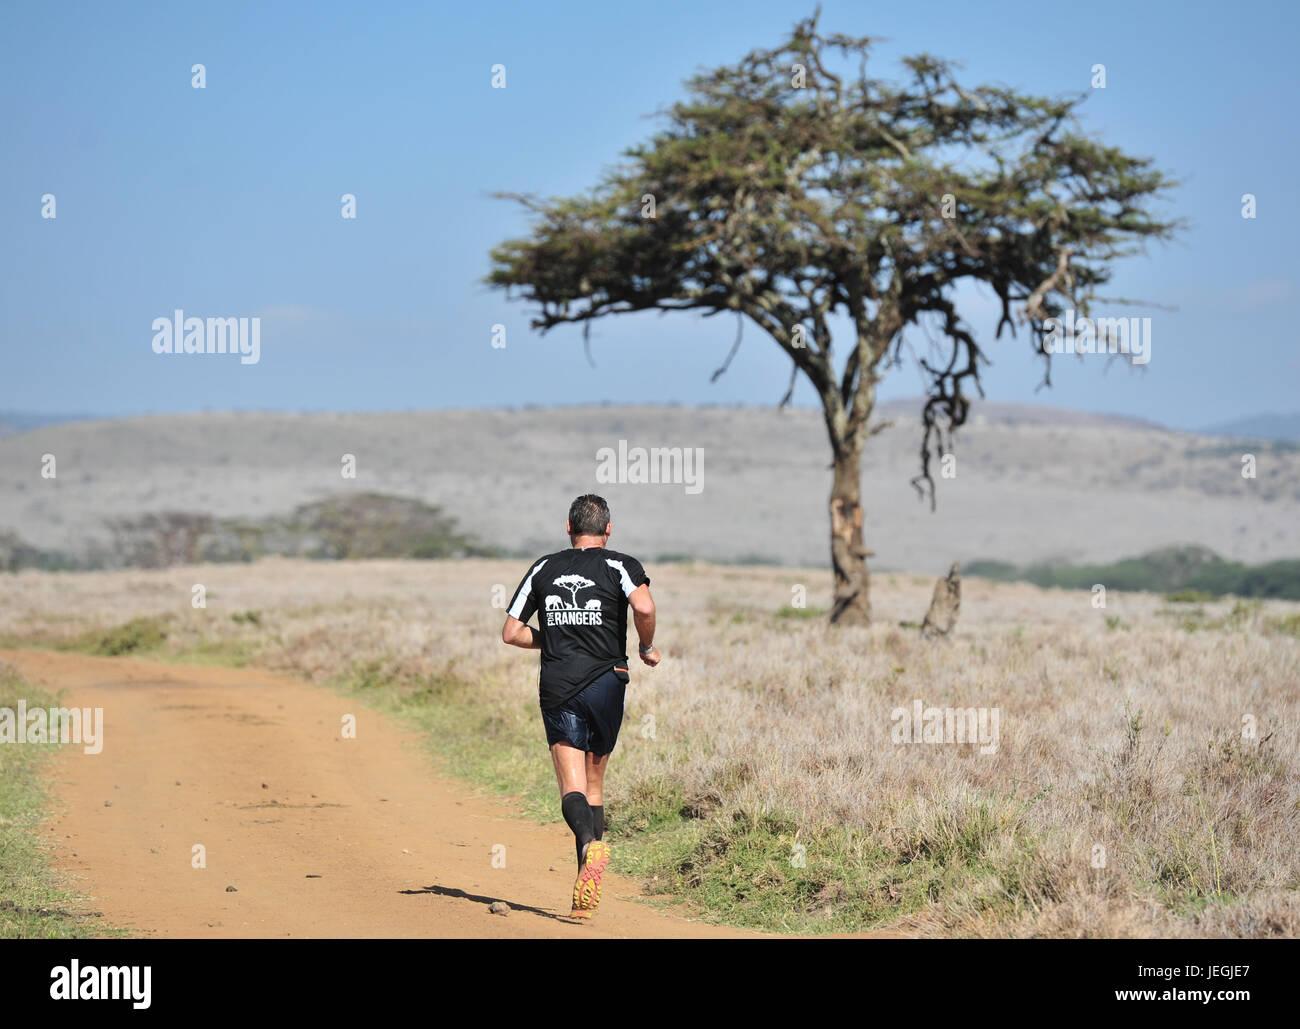 Nairobi. 24th June, 2017. A runner competes during the 2017 Safaricom Lewa Marathon at northern Kenya's Lewa Wildlife Stock Photo